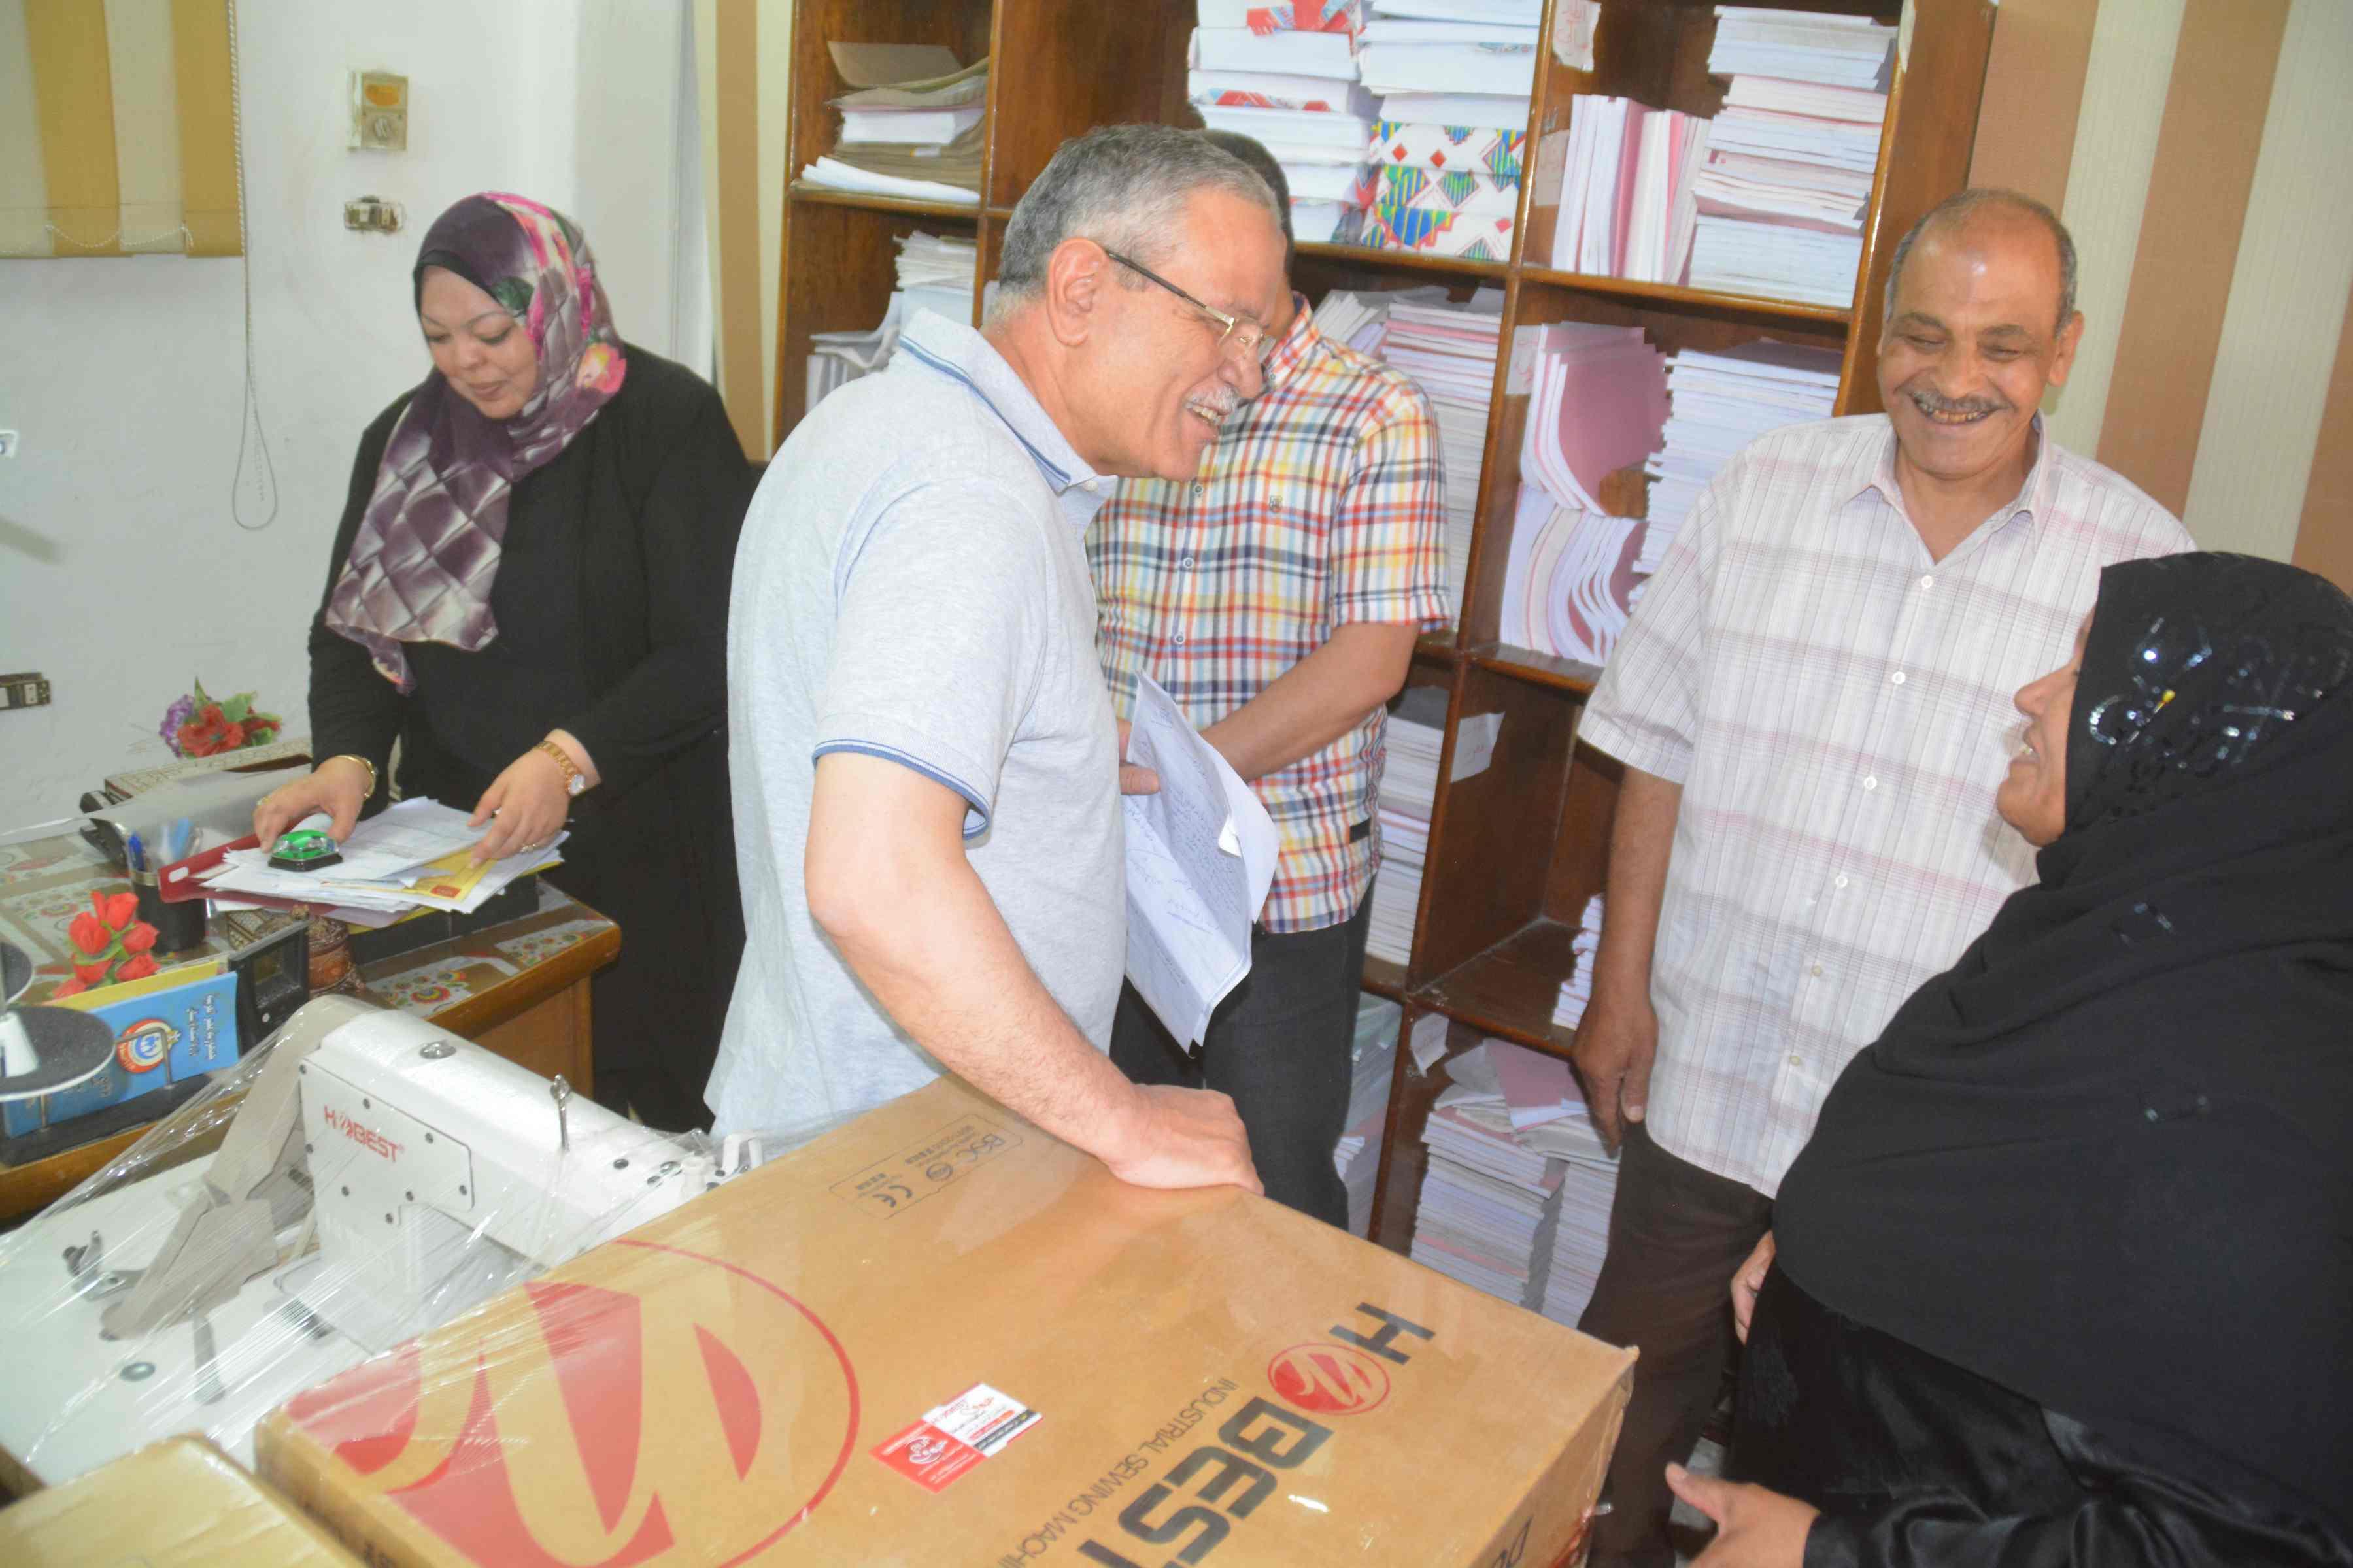 محافظ المنيا يسلم ماكينات خياطة وتجهيزات بقاله لسيدات معيلات  (3)